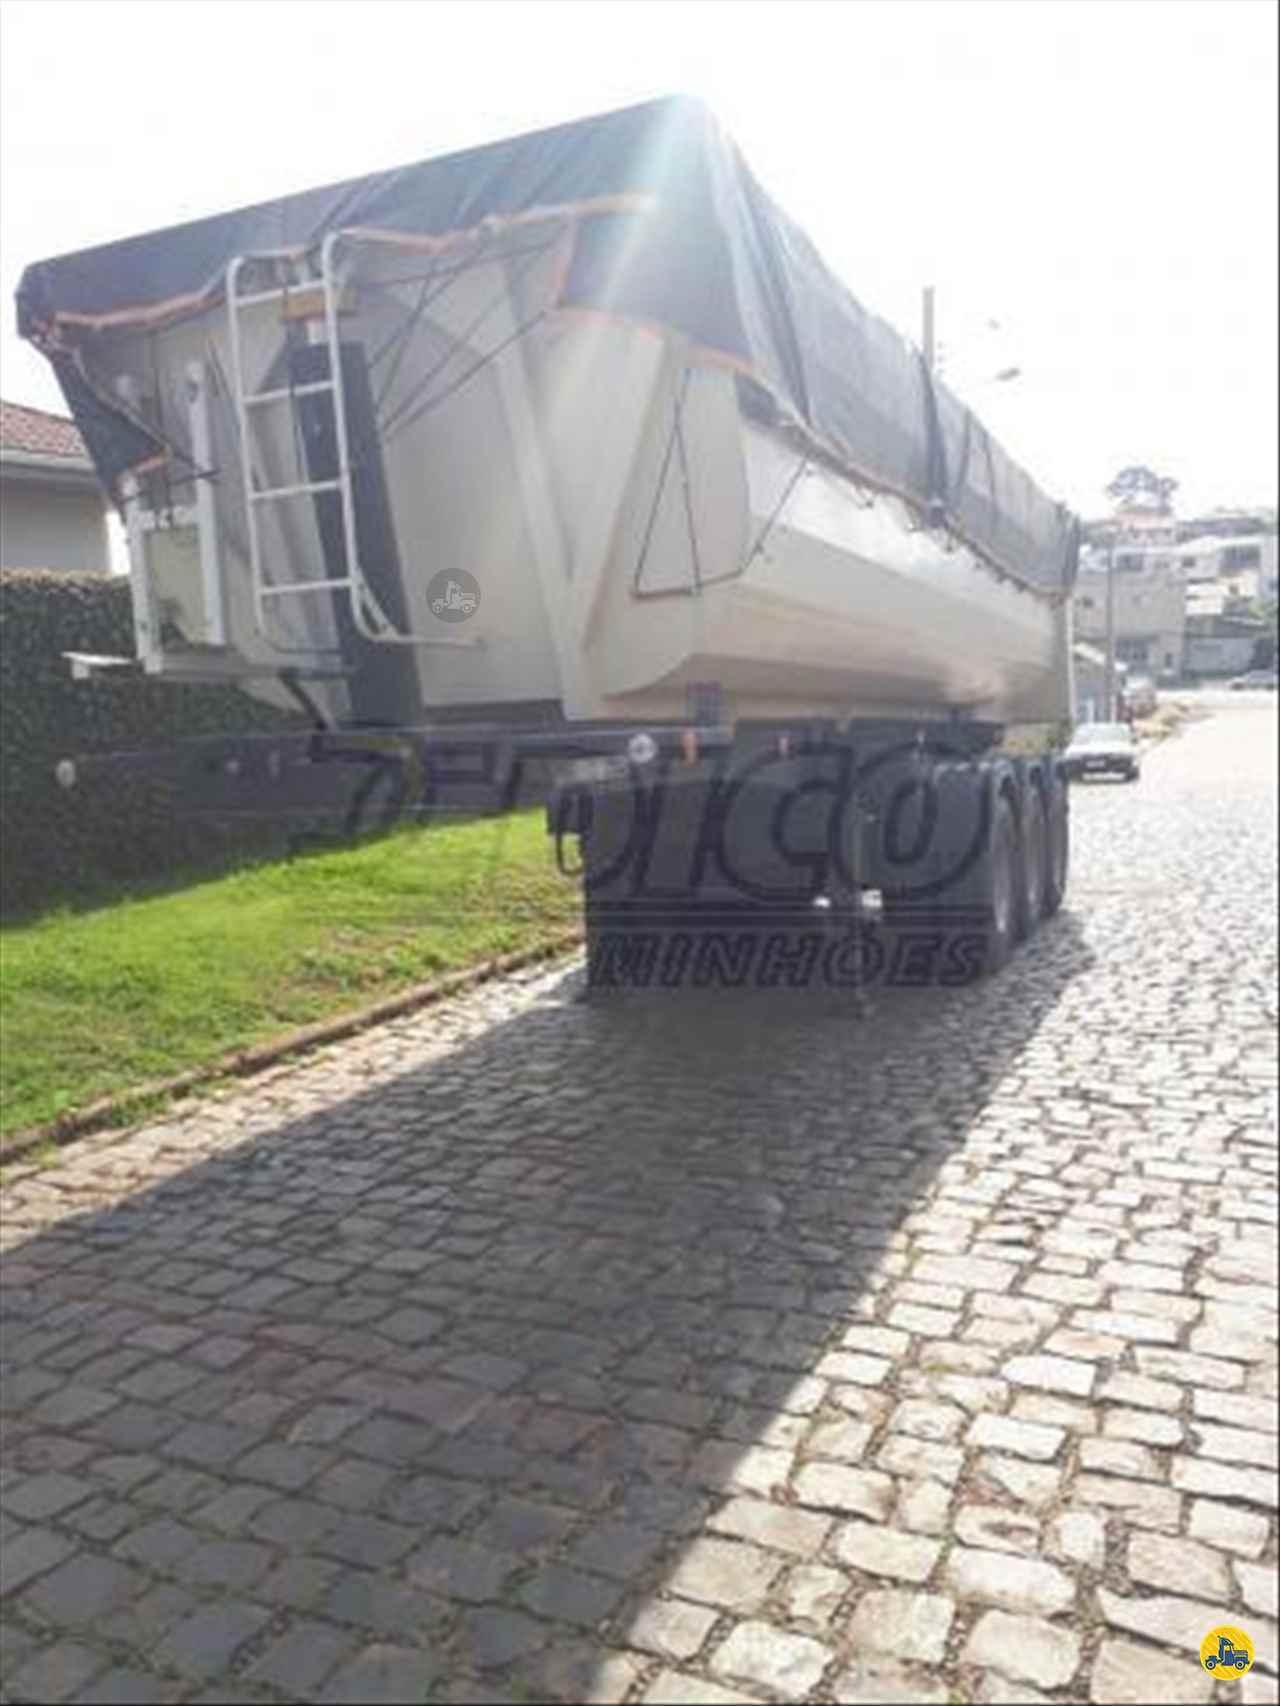 CARRETA SEMI-REBOQUE BASCULANTE Dico Caminhões RIO DO SUL SANTA CATARINA SC